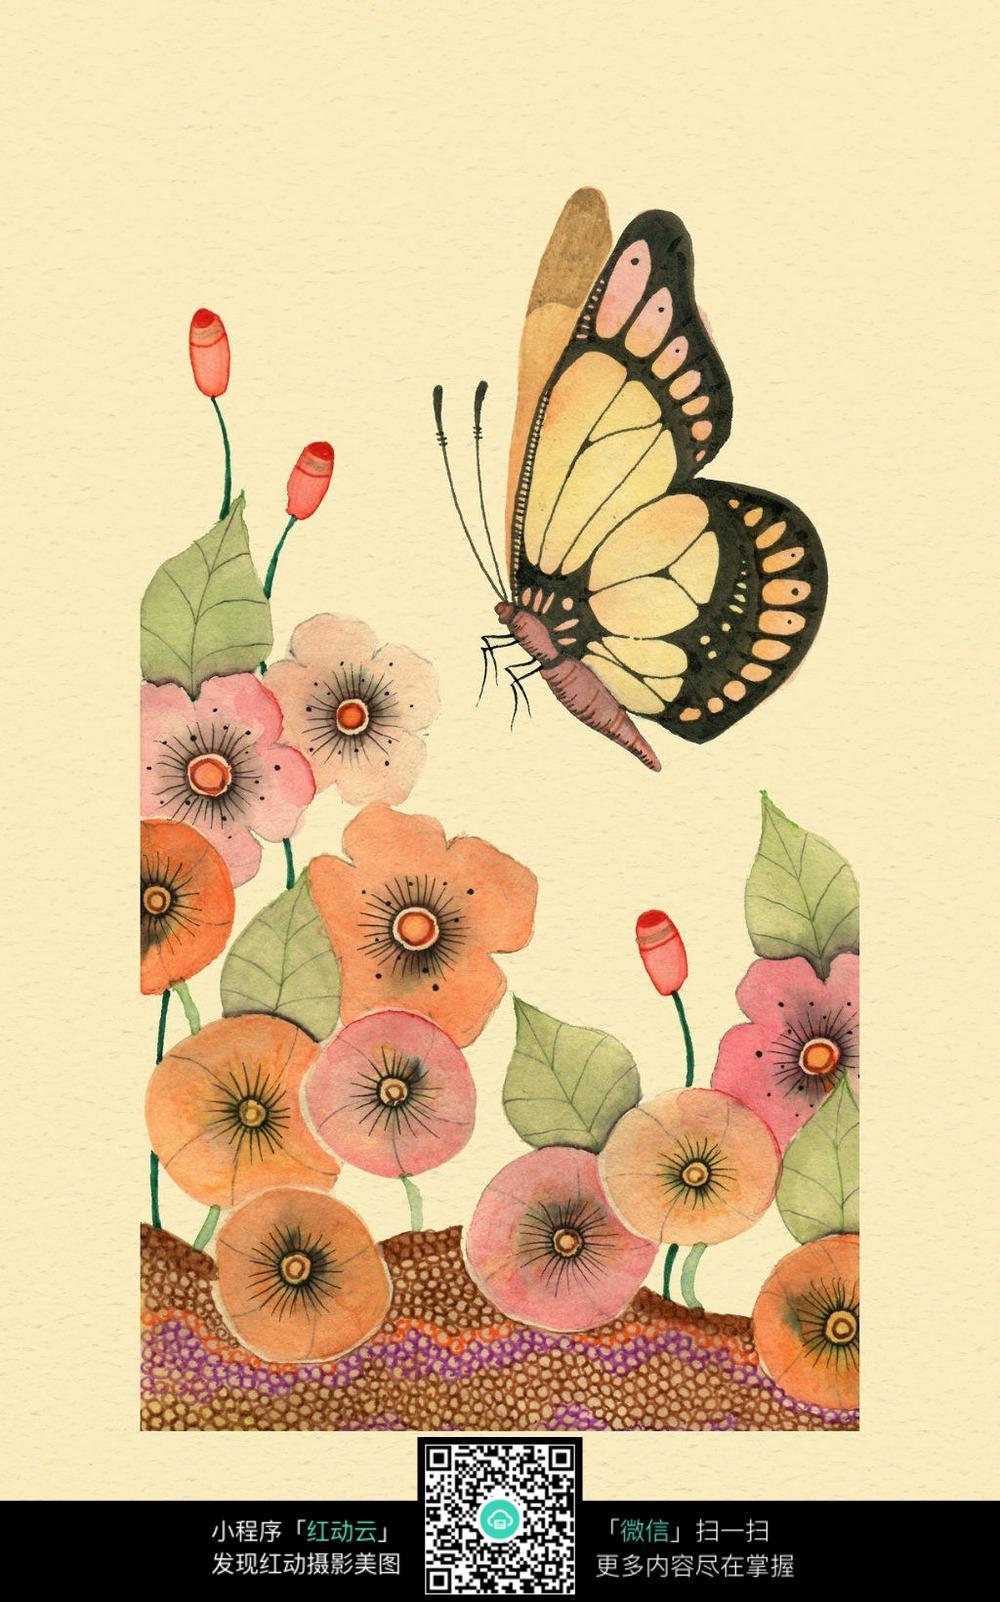 蝴蝶与花图片素材